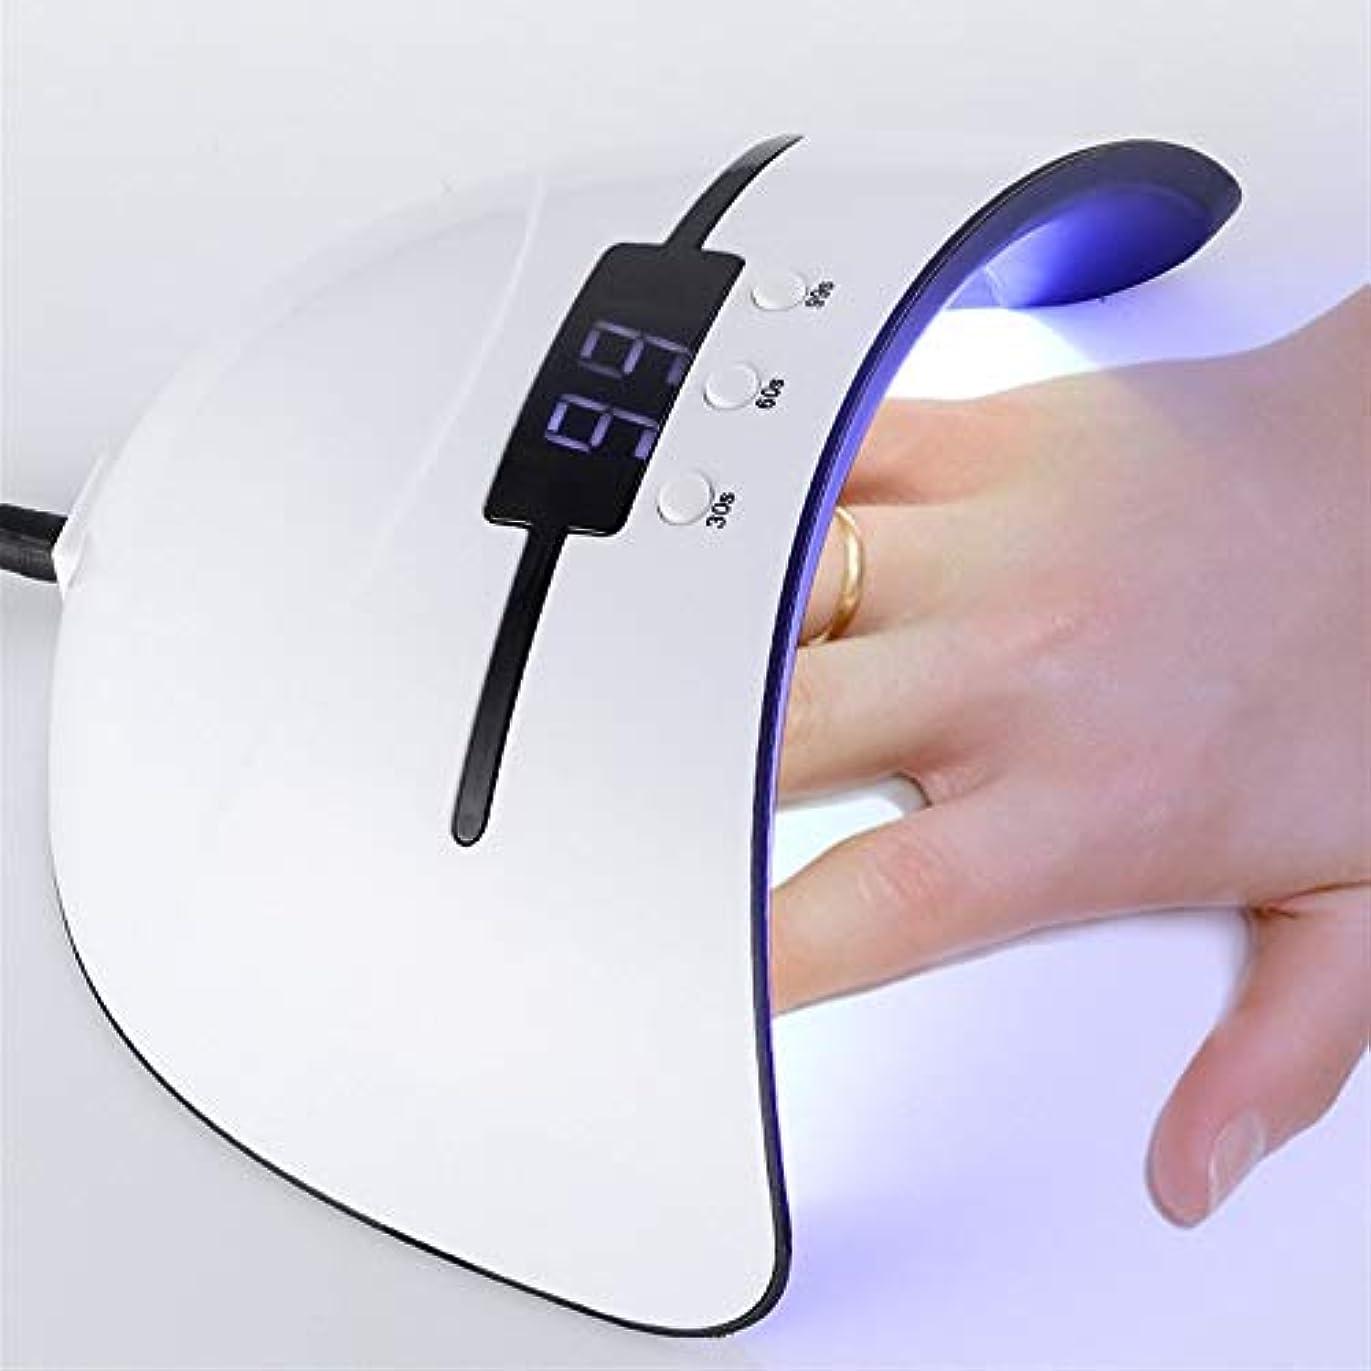 哲学他のバンドで無効ジェルネイルPolish36Wスマートベルト誘導ネイルオイルグルードライヤーLED +紫外線吸収度ネイル光線療法ランプネイルマシン速乾性